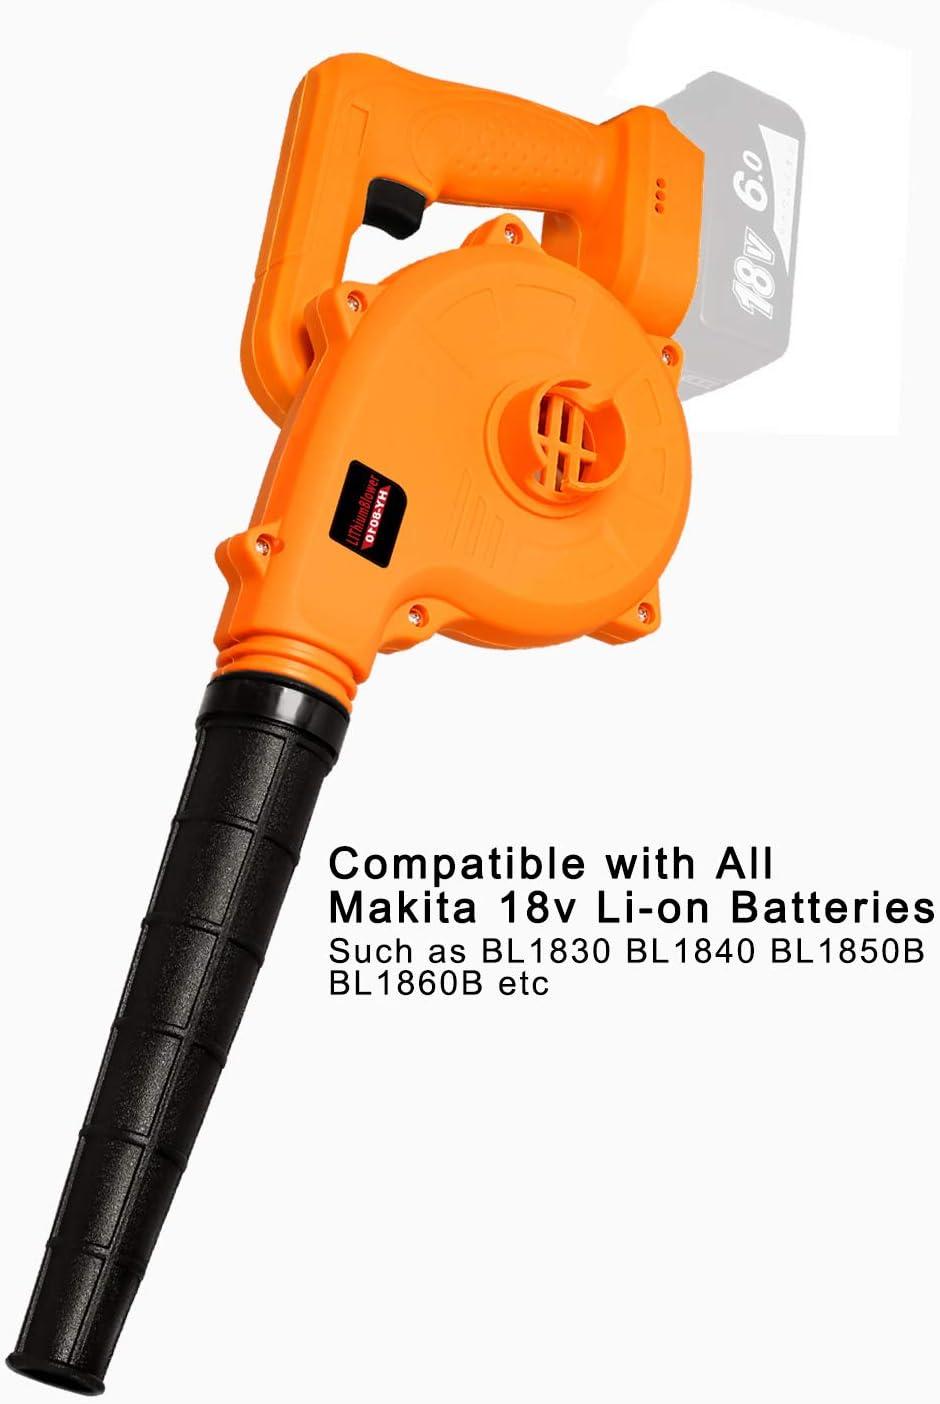 Bsioff Soplador de Hojas y aspiradora Barredora//aspiradora 2 en 1 de Litio de 18 V 18000 RPM Compatible con Makita 18 V BL1850B BL1860B Bater/ía de Iones de Litio